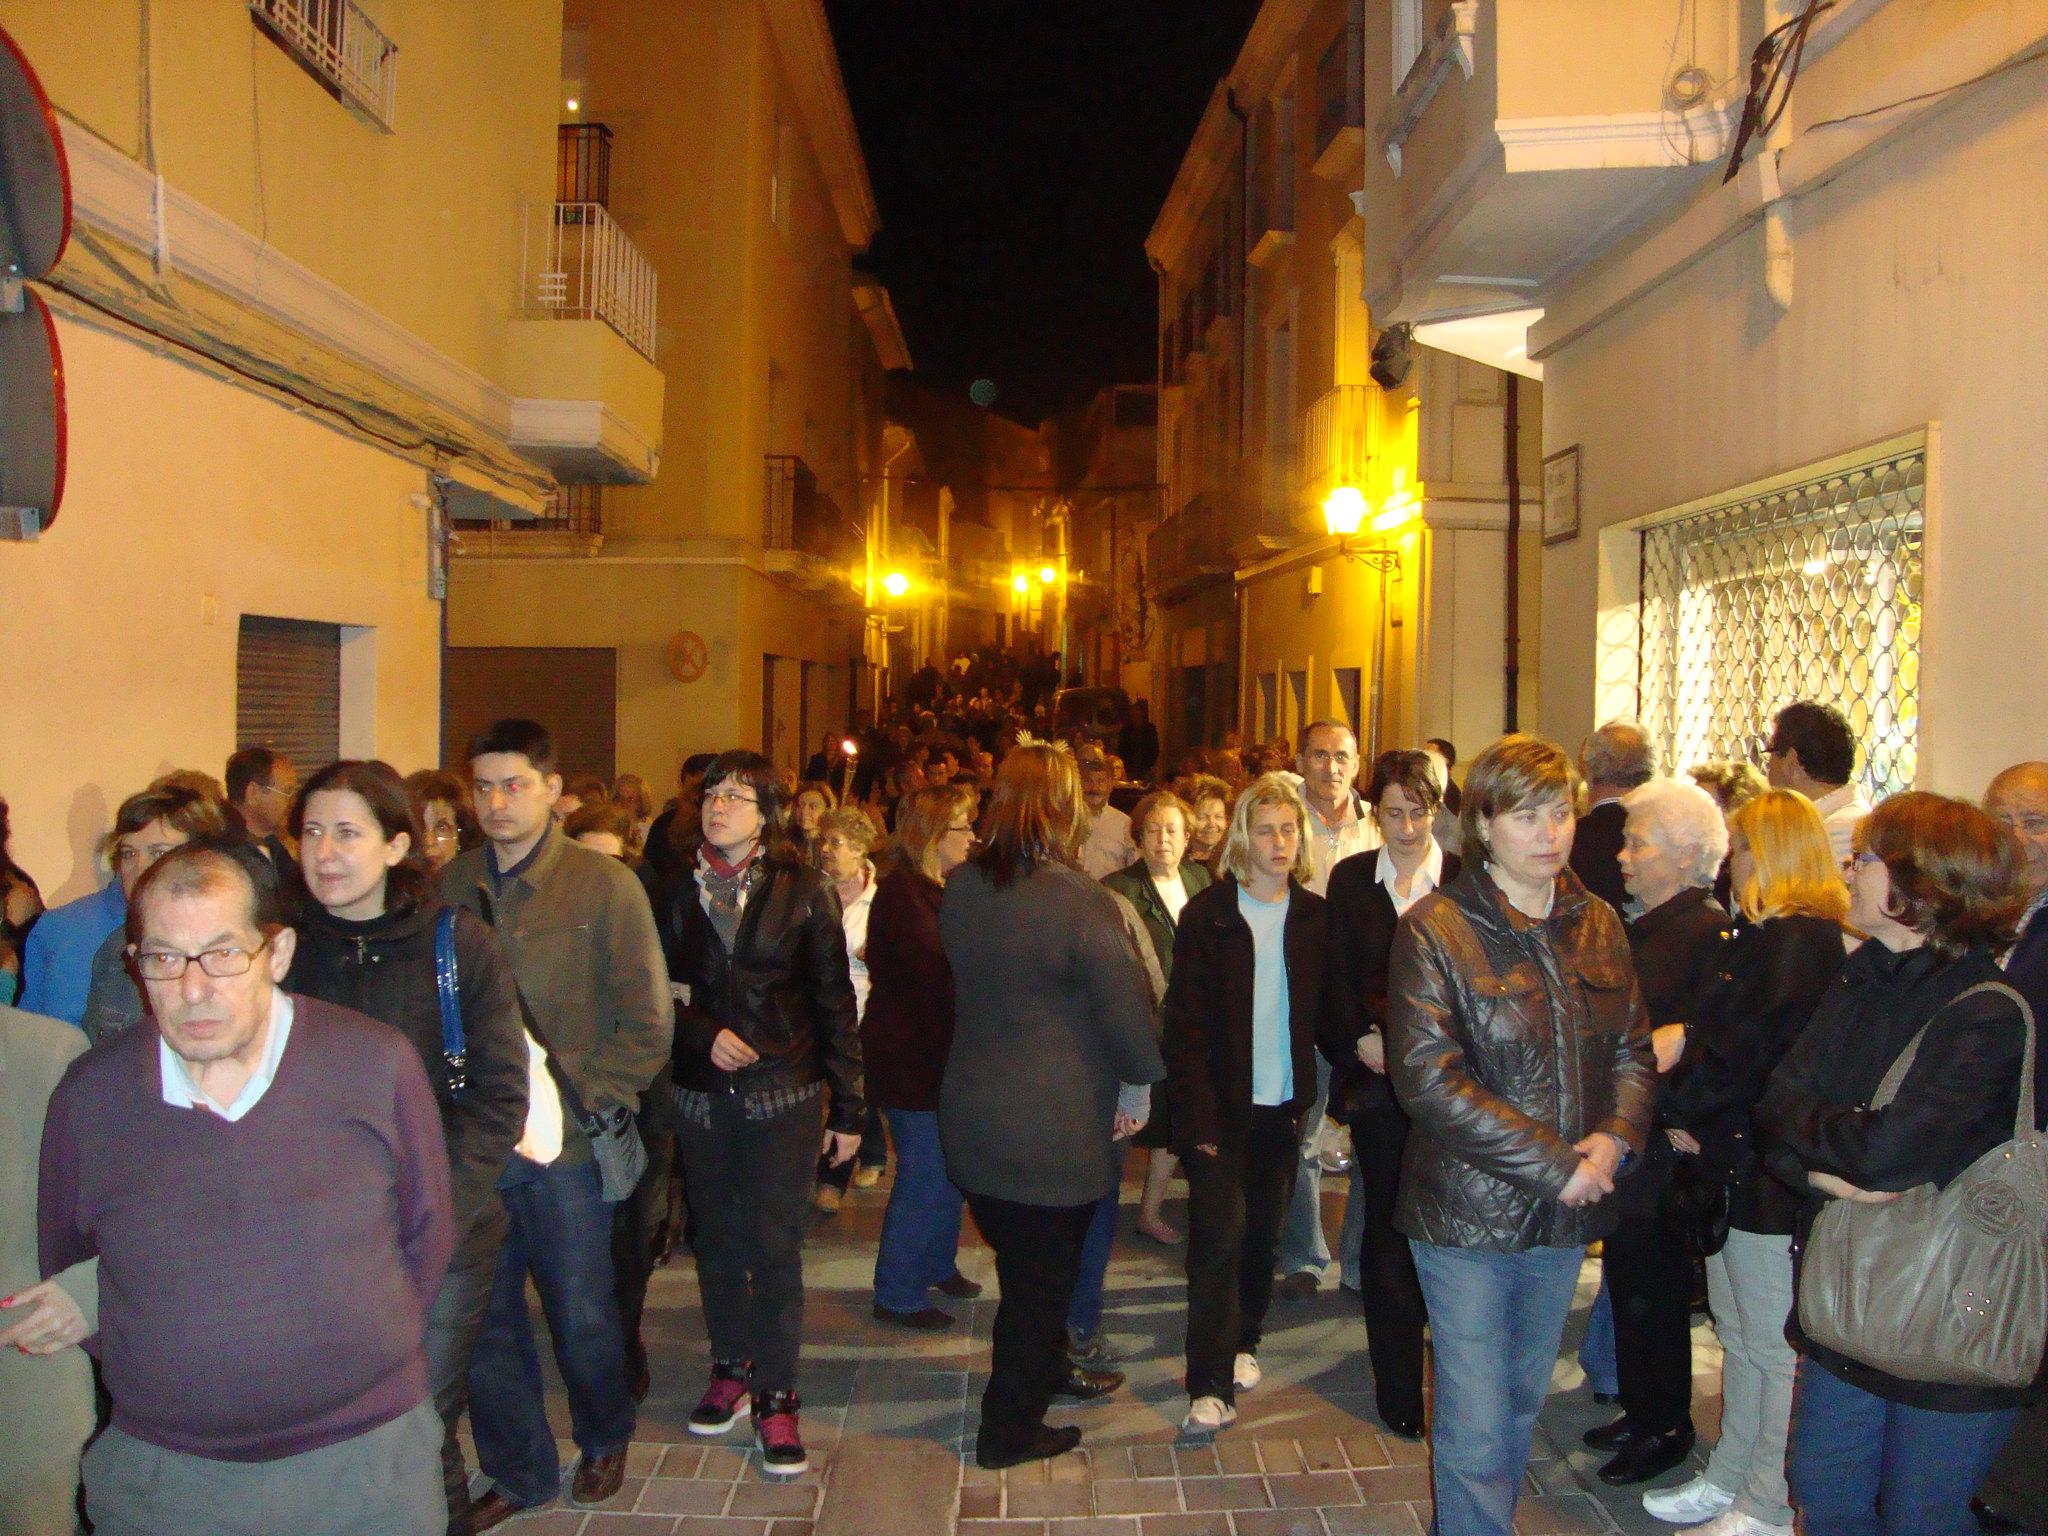 (2011-04-15) - II Vía Crucis nocturno - Javier Montesinos Villaplana -  (13)